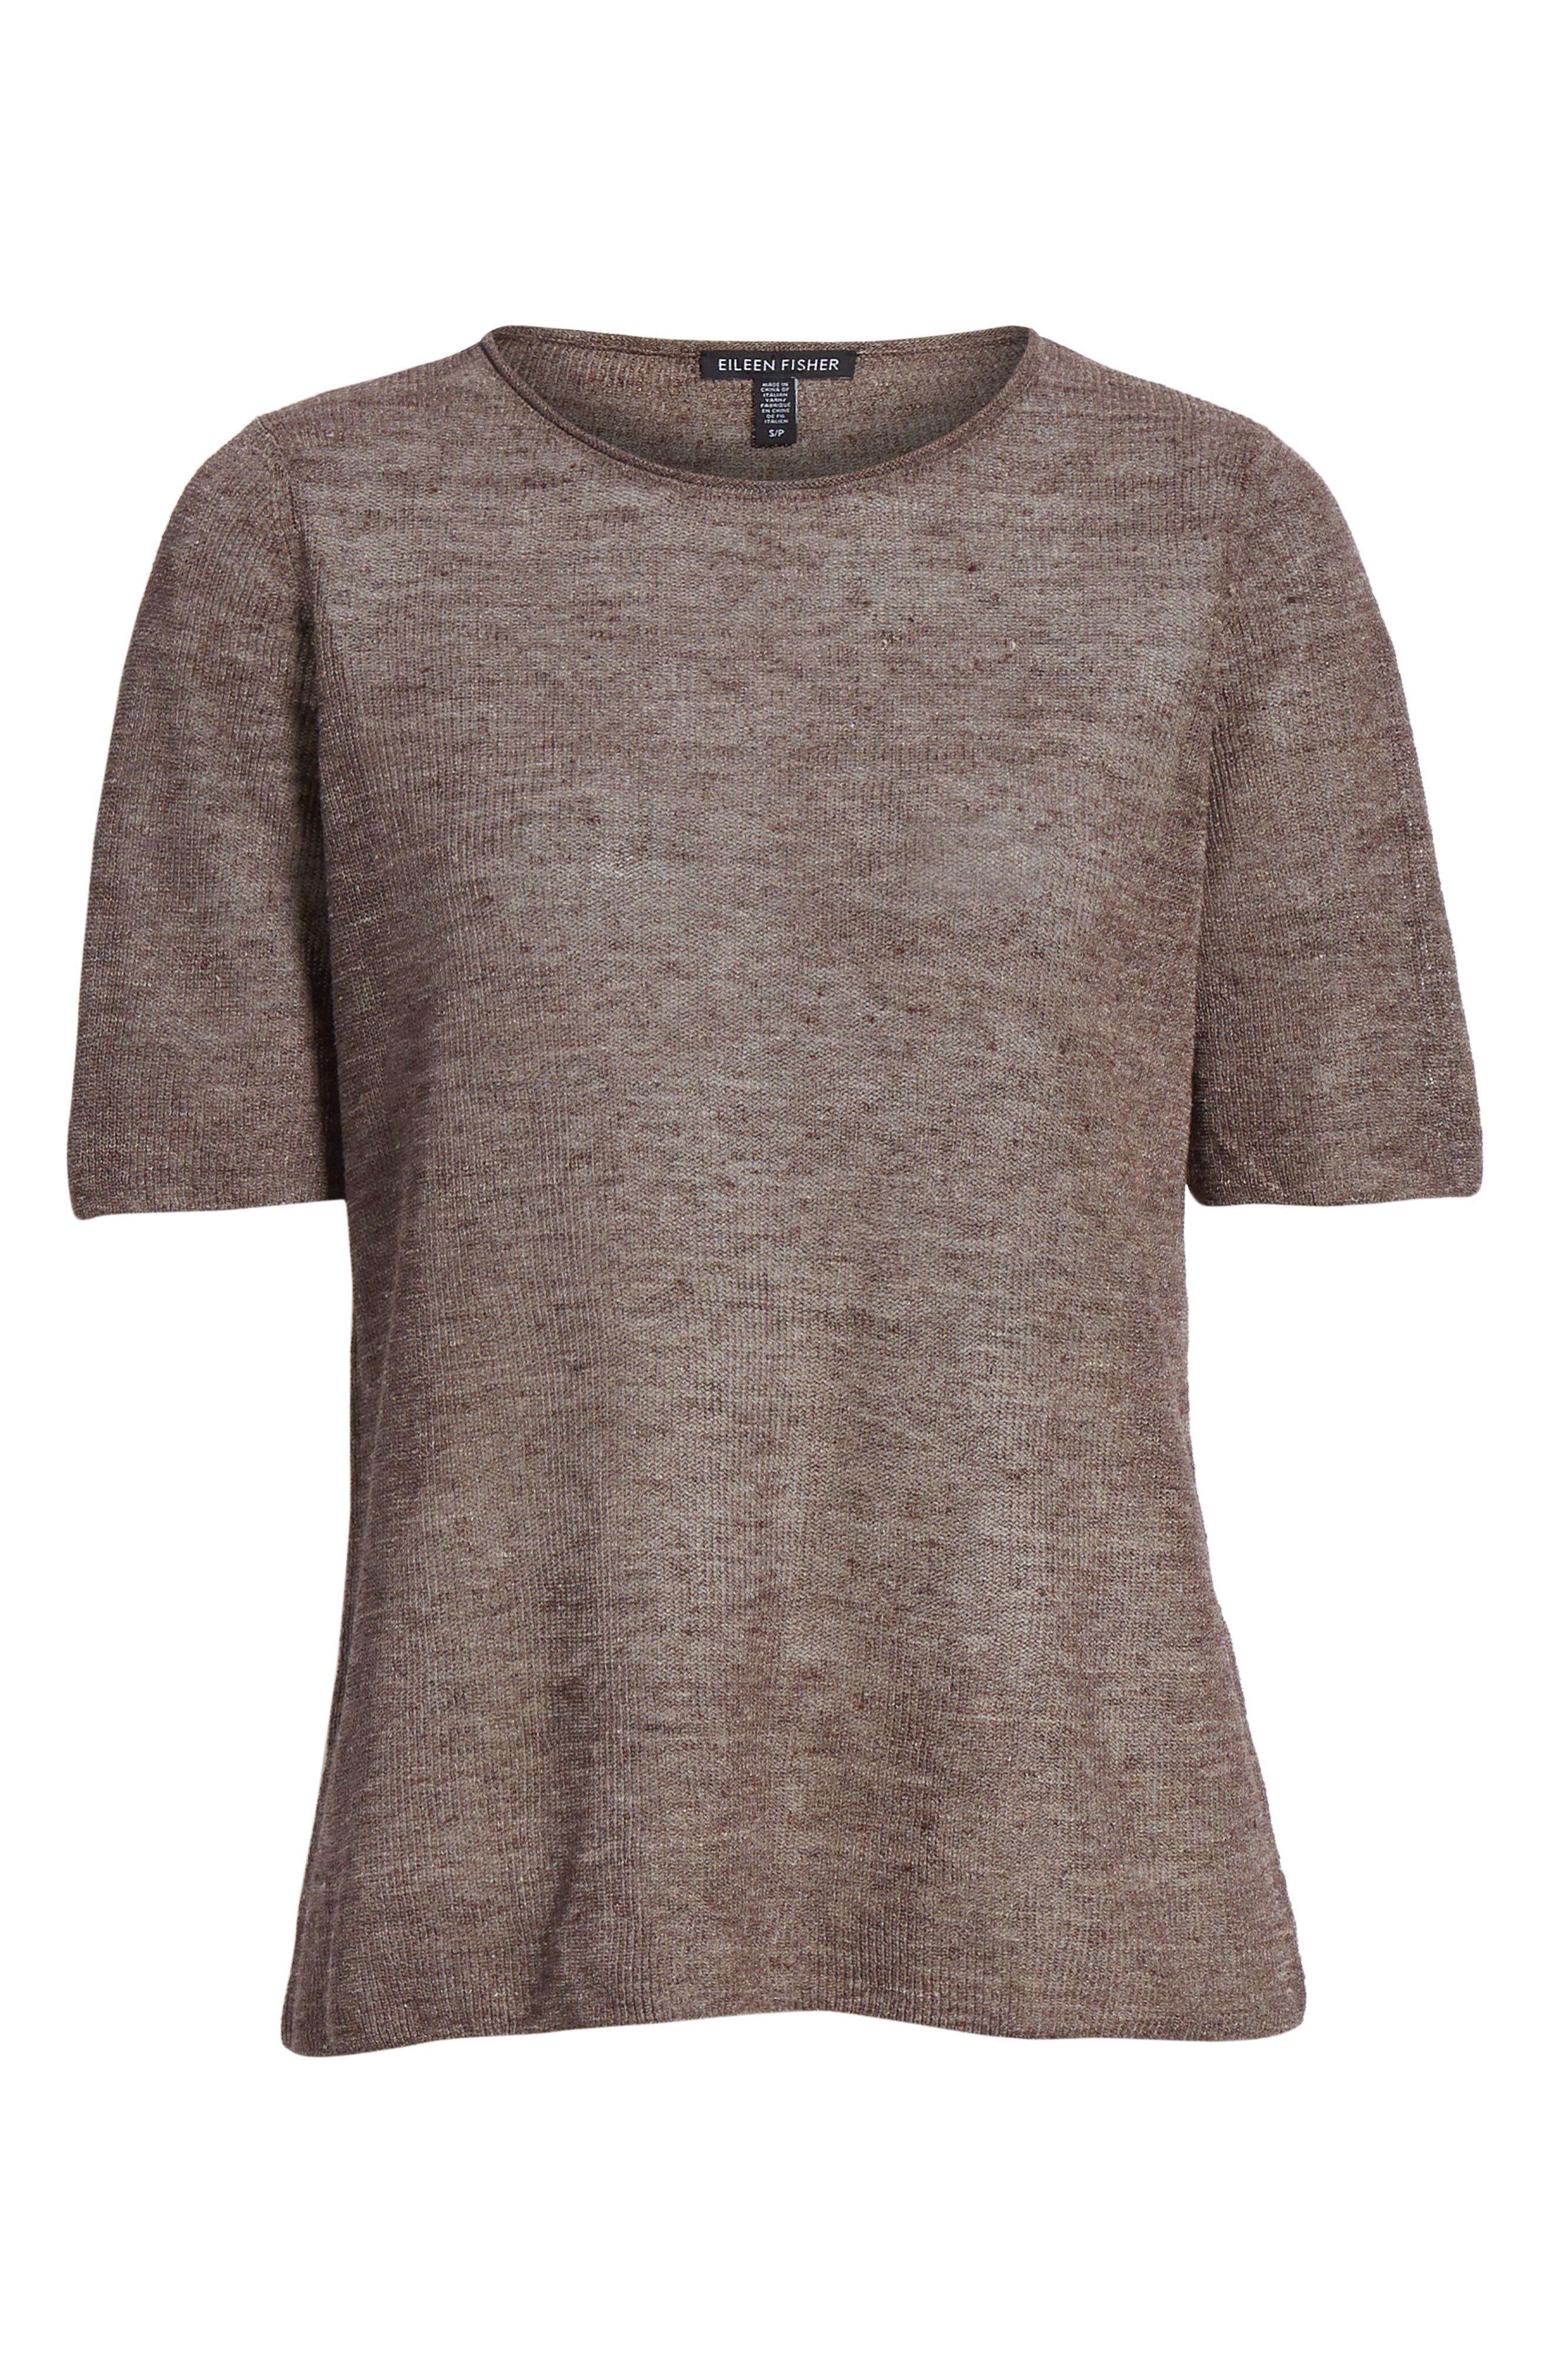 Short Sleeve Linen Blend Sweater,                             Alternate thumbnail 6, color,                             245